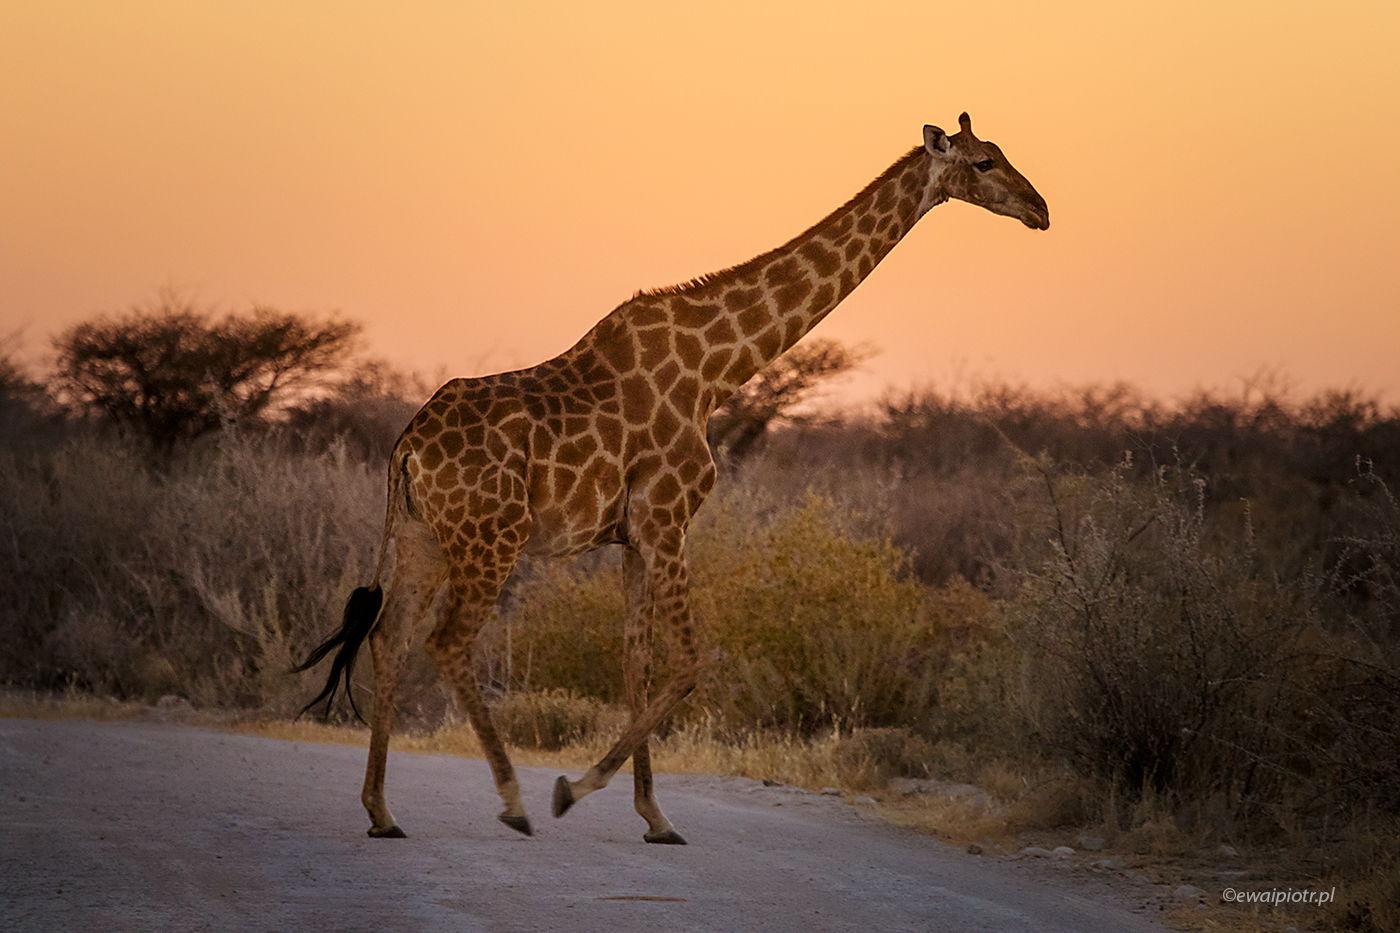 Żyrafa wieczorową porą, Namibia